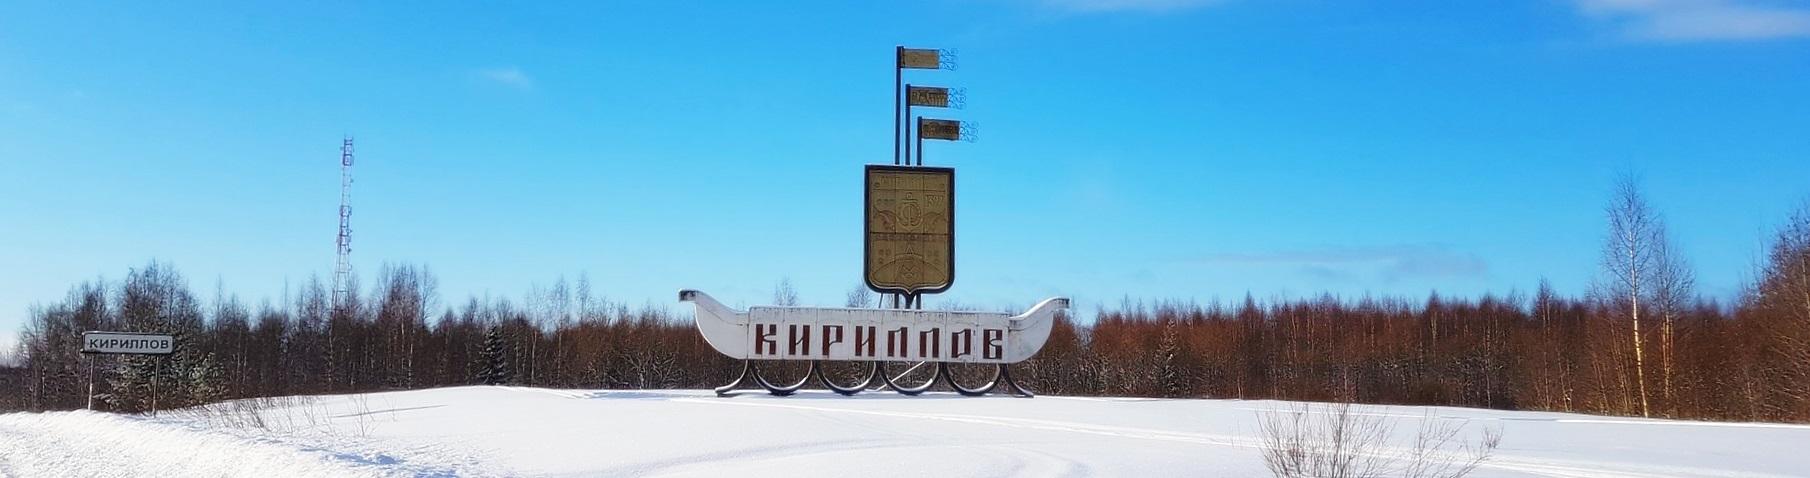 Кириллов - описание, цены, как добраться